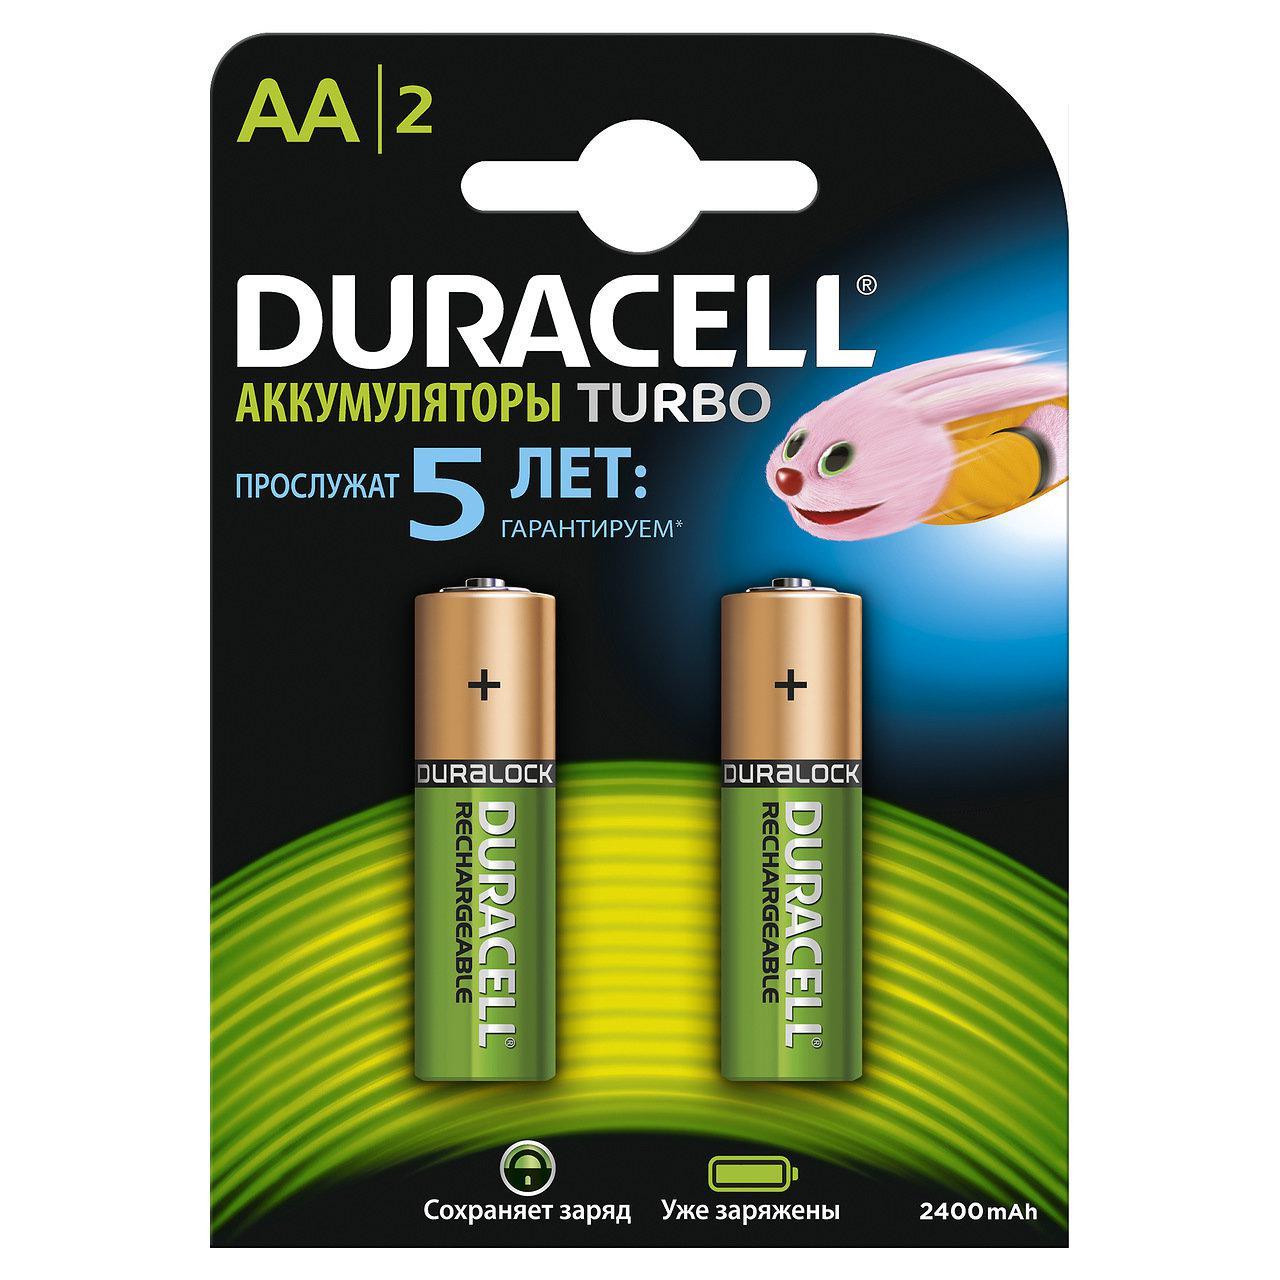 Аккумулятор Duracell Hr6-2bl (2/20) 2400mah 2шт набор аккумуляторов duracell recharge aaa nimh 750 mah 2 шт